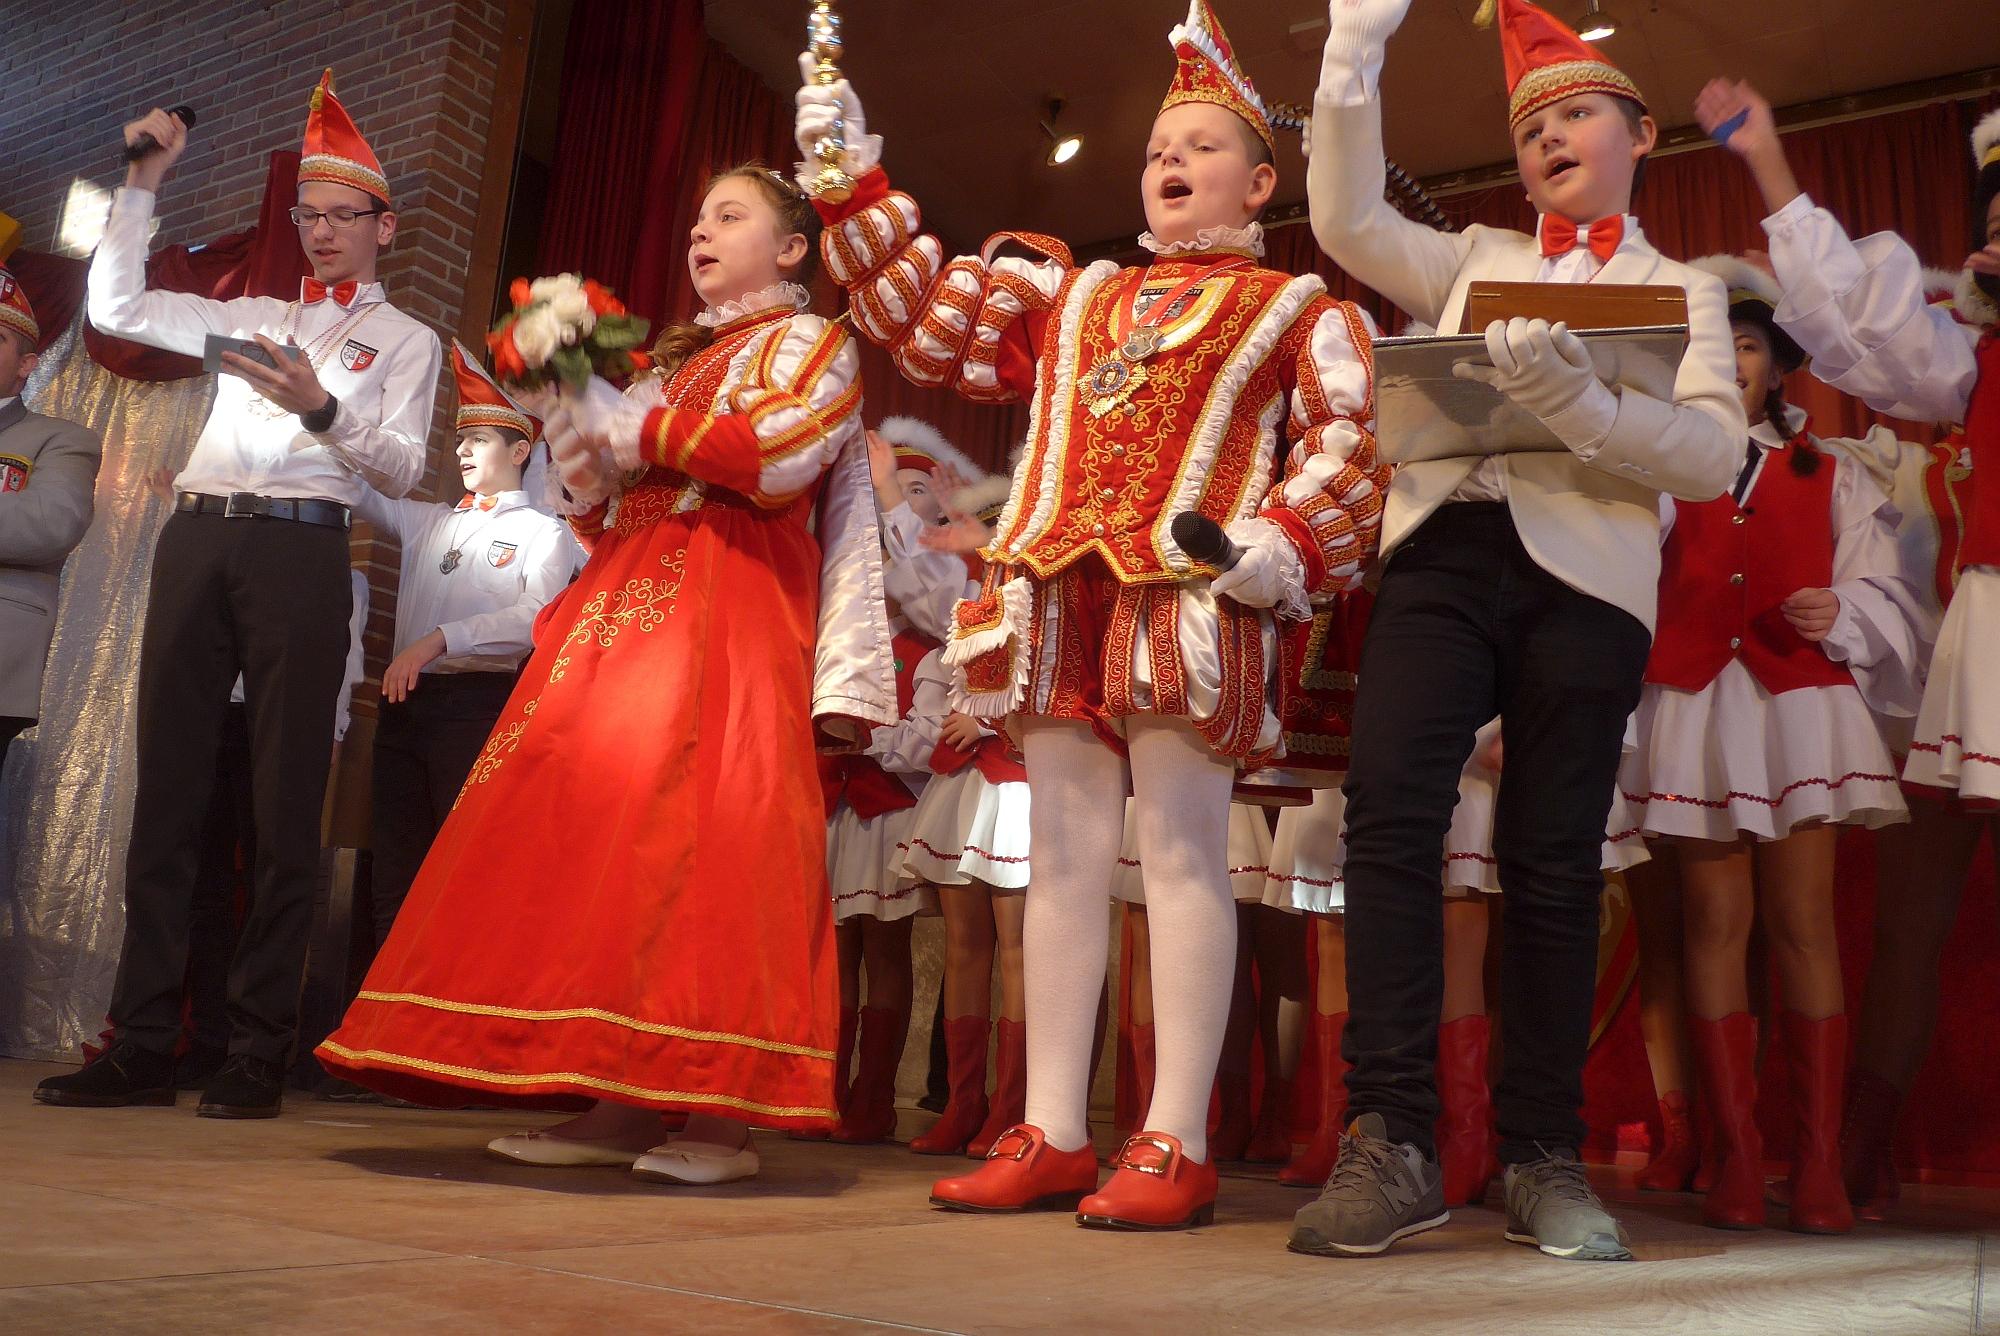 Linus II. und Leonie I. sind das karnevalistische Kinderprinzenpaar für Unterbach. Rechts Adjutant Maxim Gastes, links Sitzungspräsident Nils Hammer.